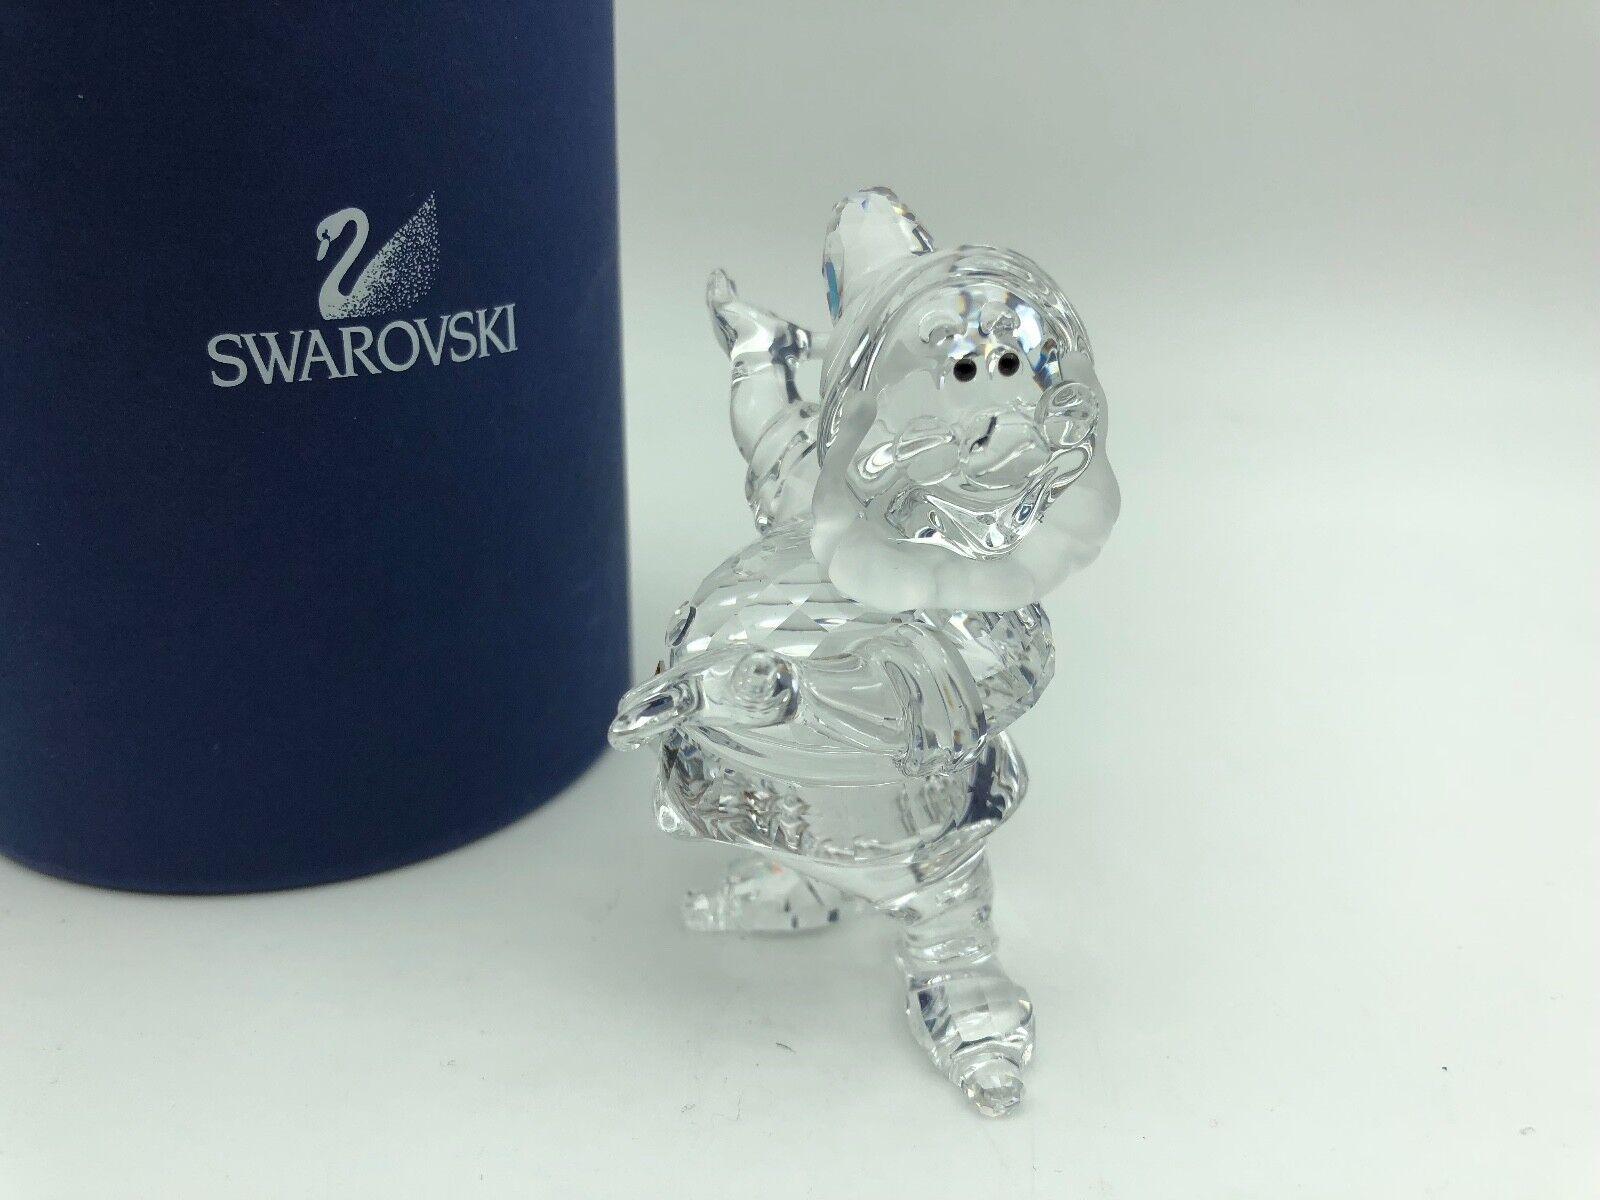 Swarovski Figurine Blanche Neige Nain 7,2 cm avec avec avec neuf dans sa boîte & certificat. Excellent état | Aspect élégant  636b58